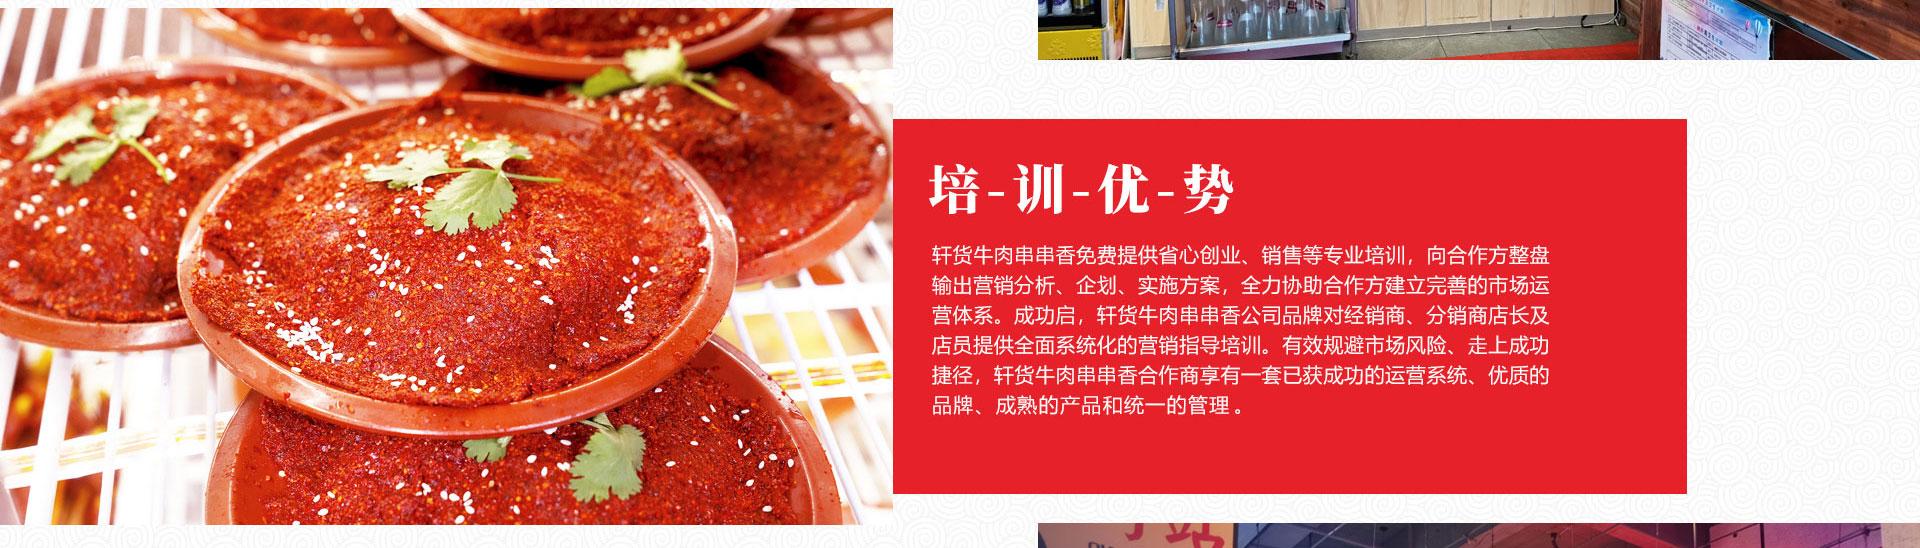 轩货牛肉串串香xhccx_13